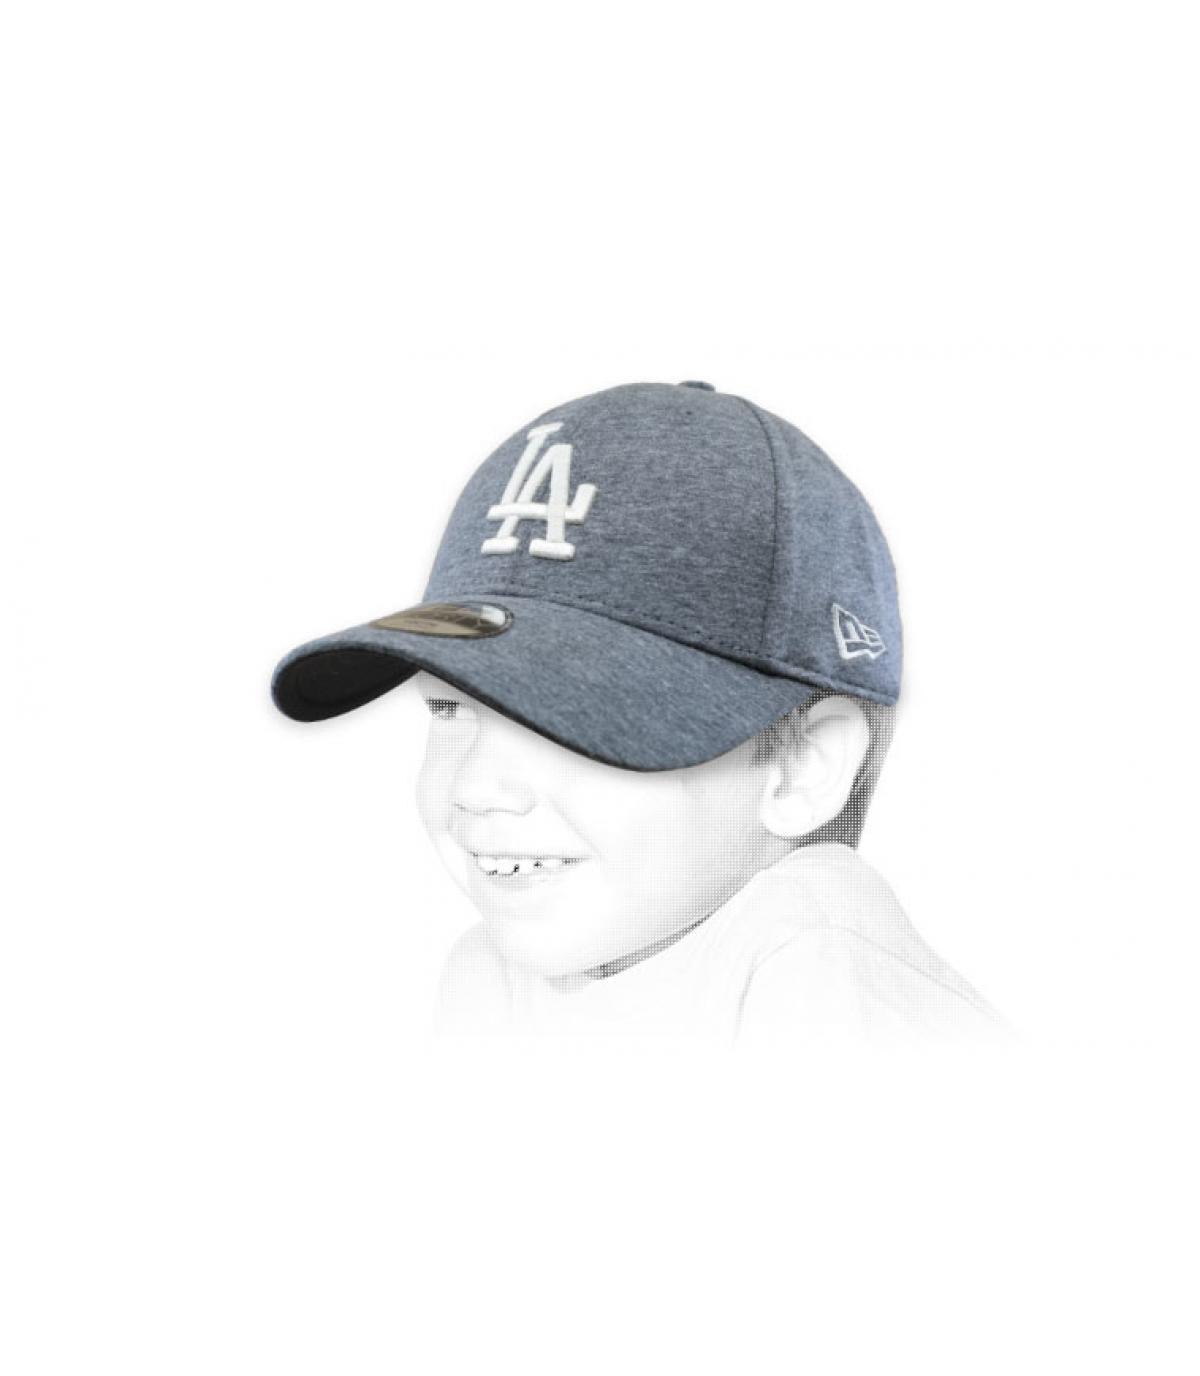 gorra niño LA gris